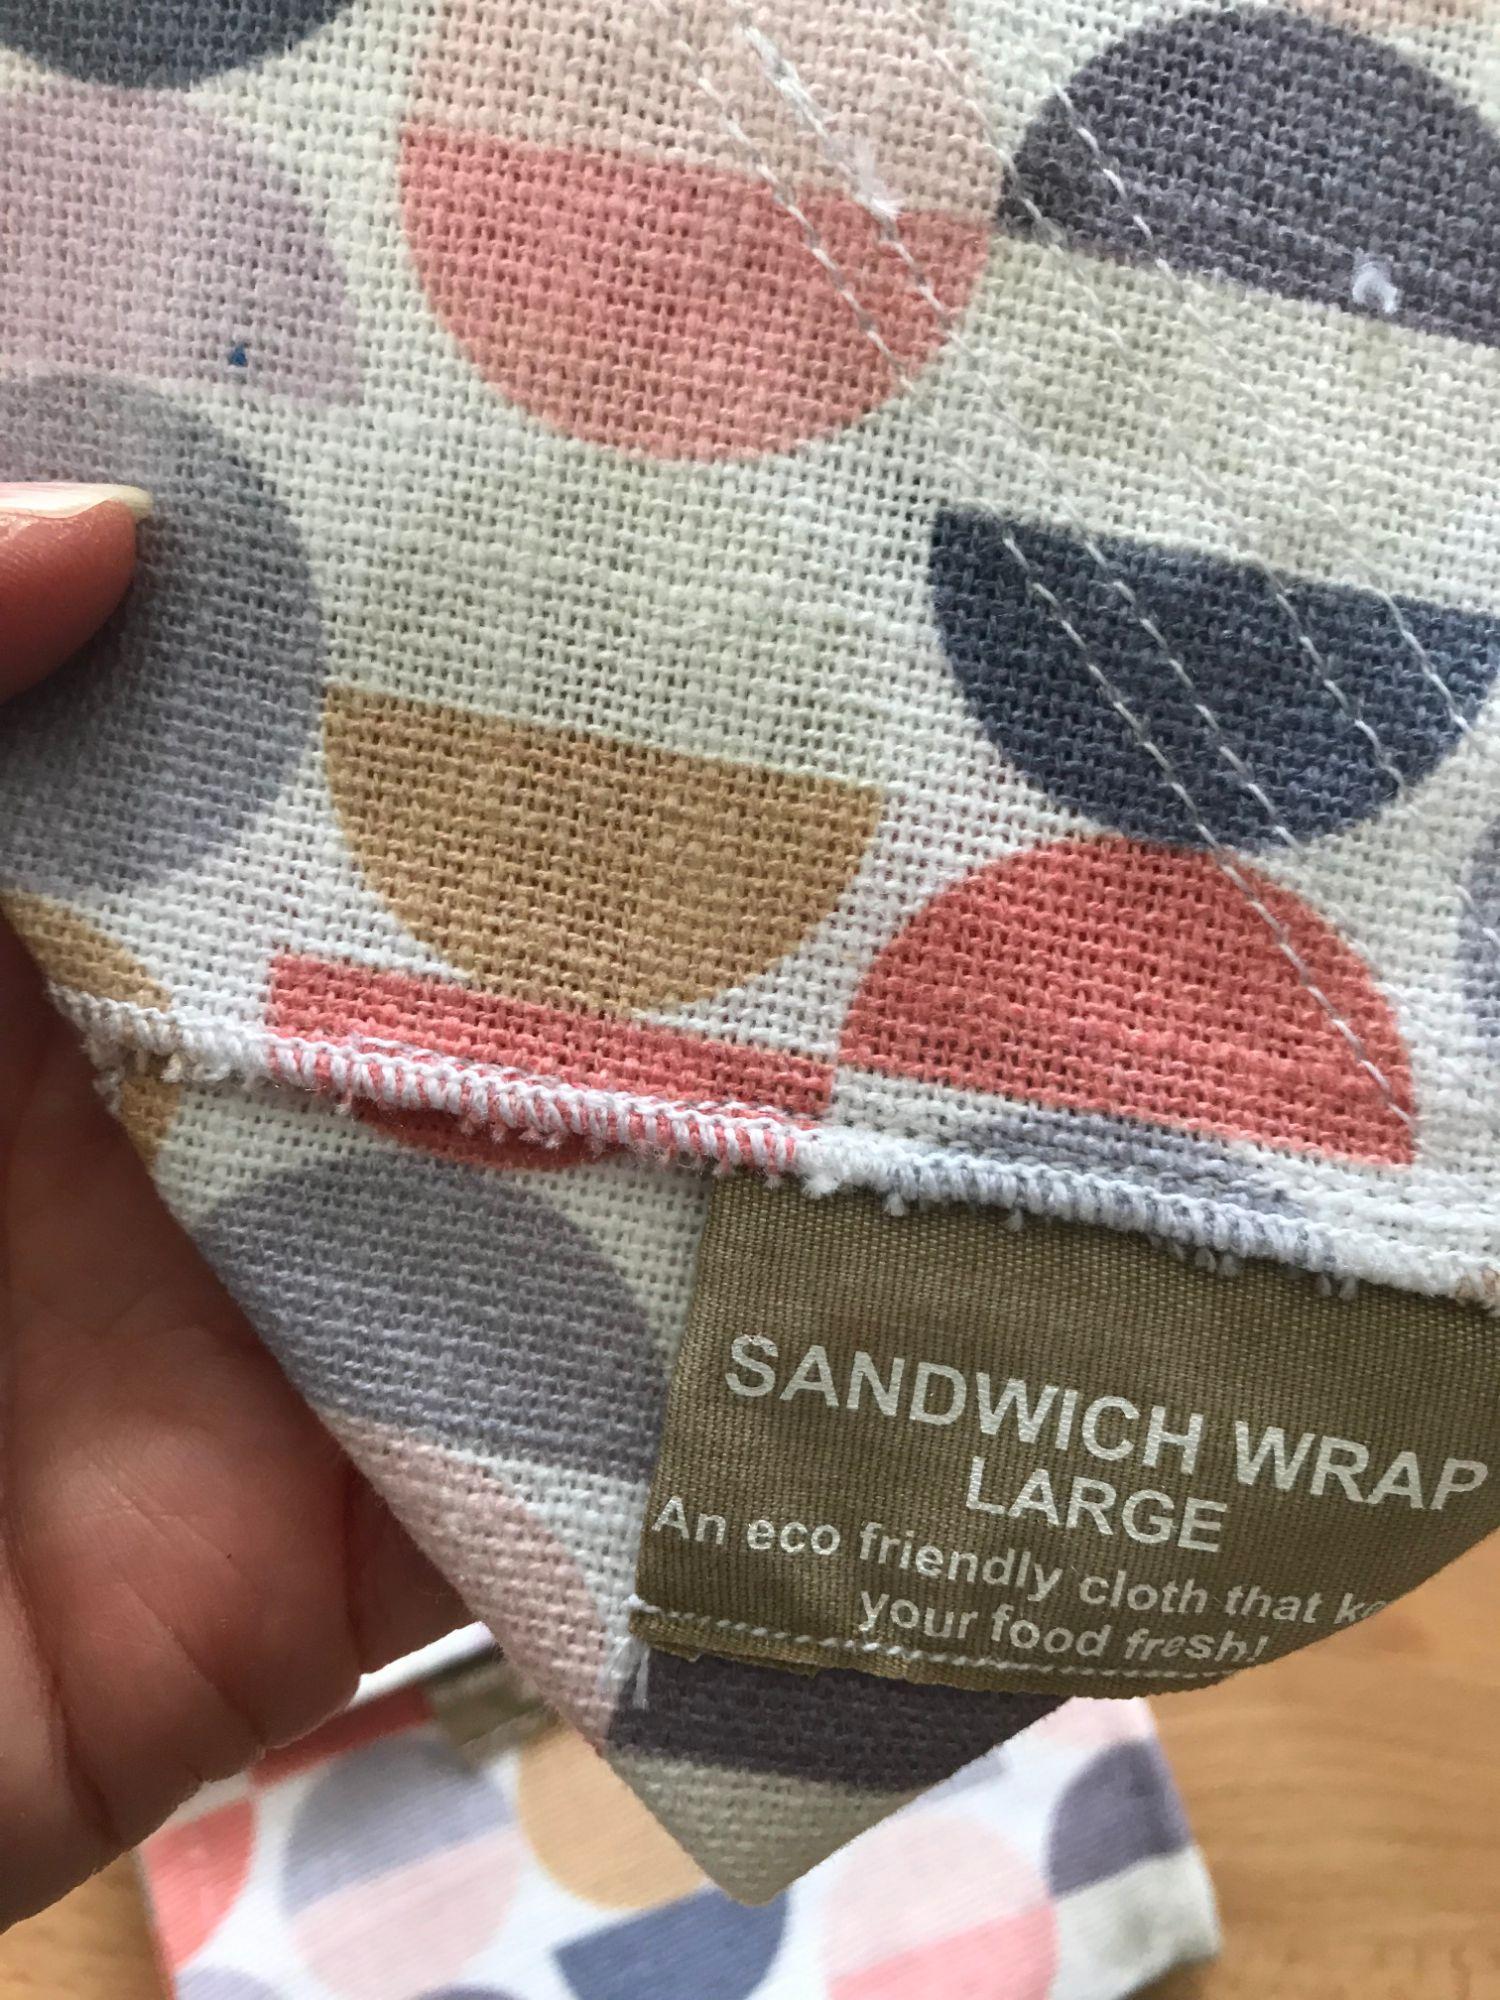 Eco Sandwich Wrap